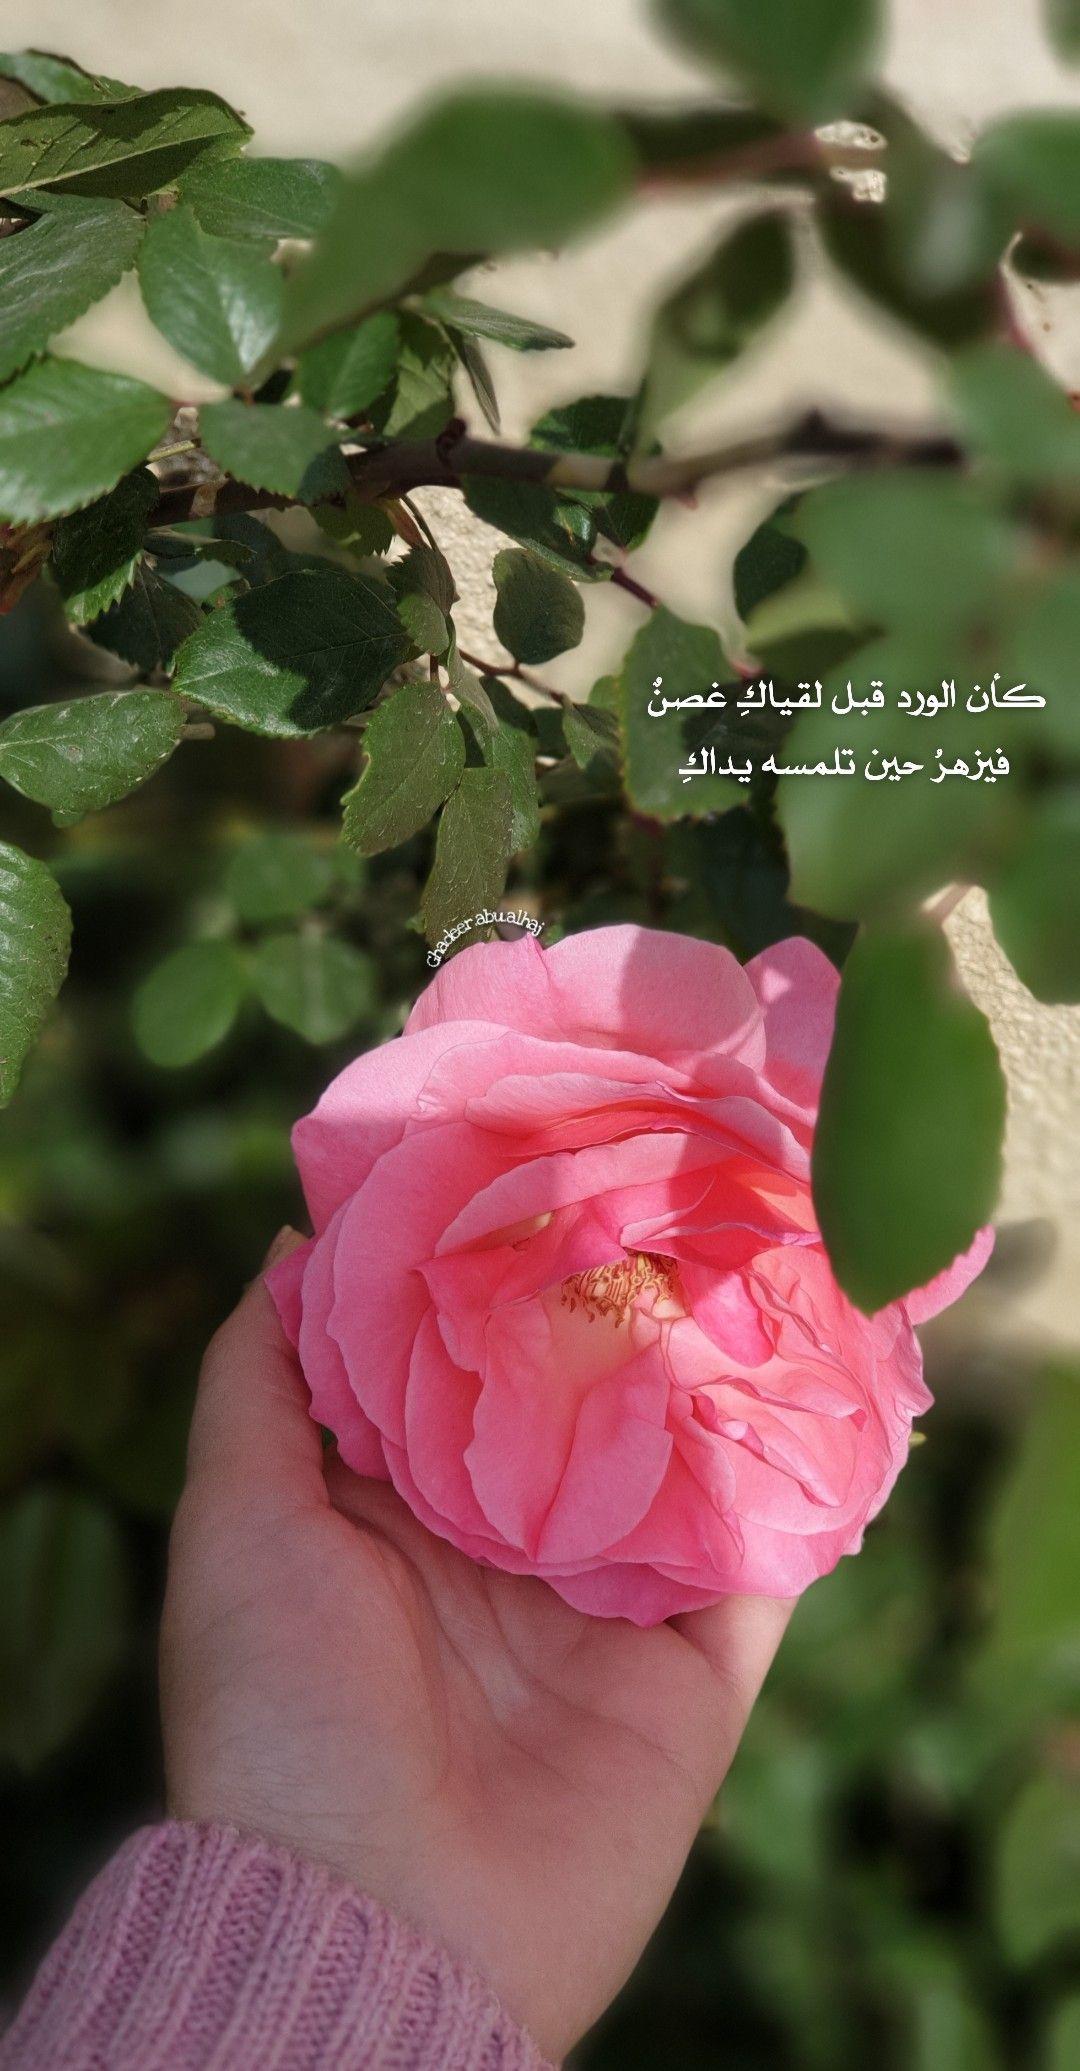 ورد زهر صور مصورات اقتباسات Pink Flower سنابات انستغرام In 2021 Flower Aesthetic Dark Wallpaper Iphone Daisy Art